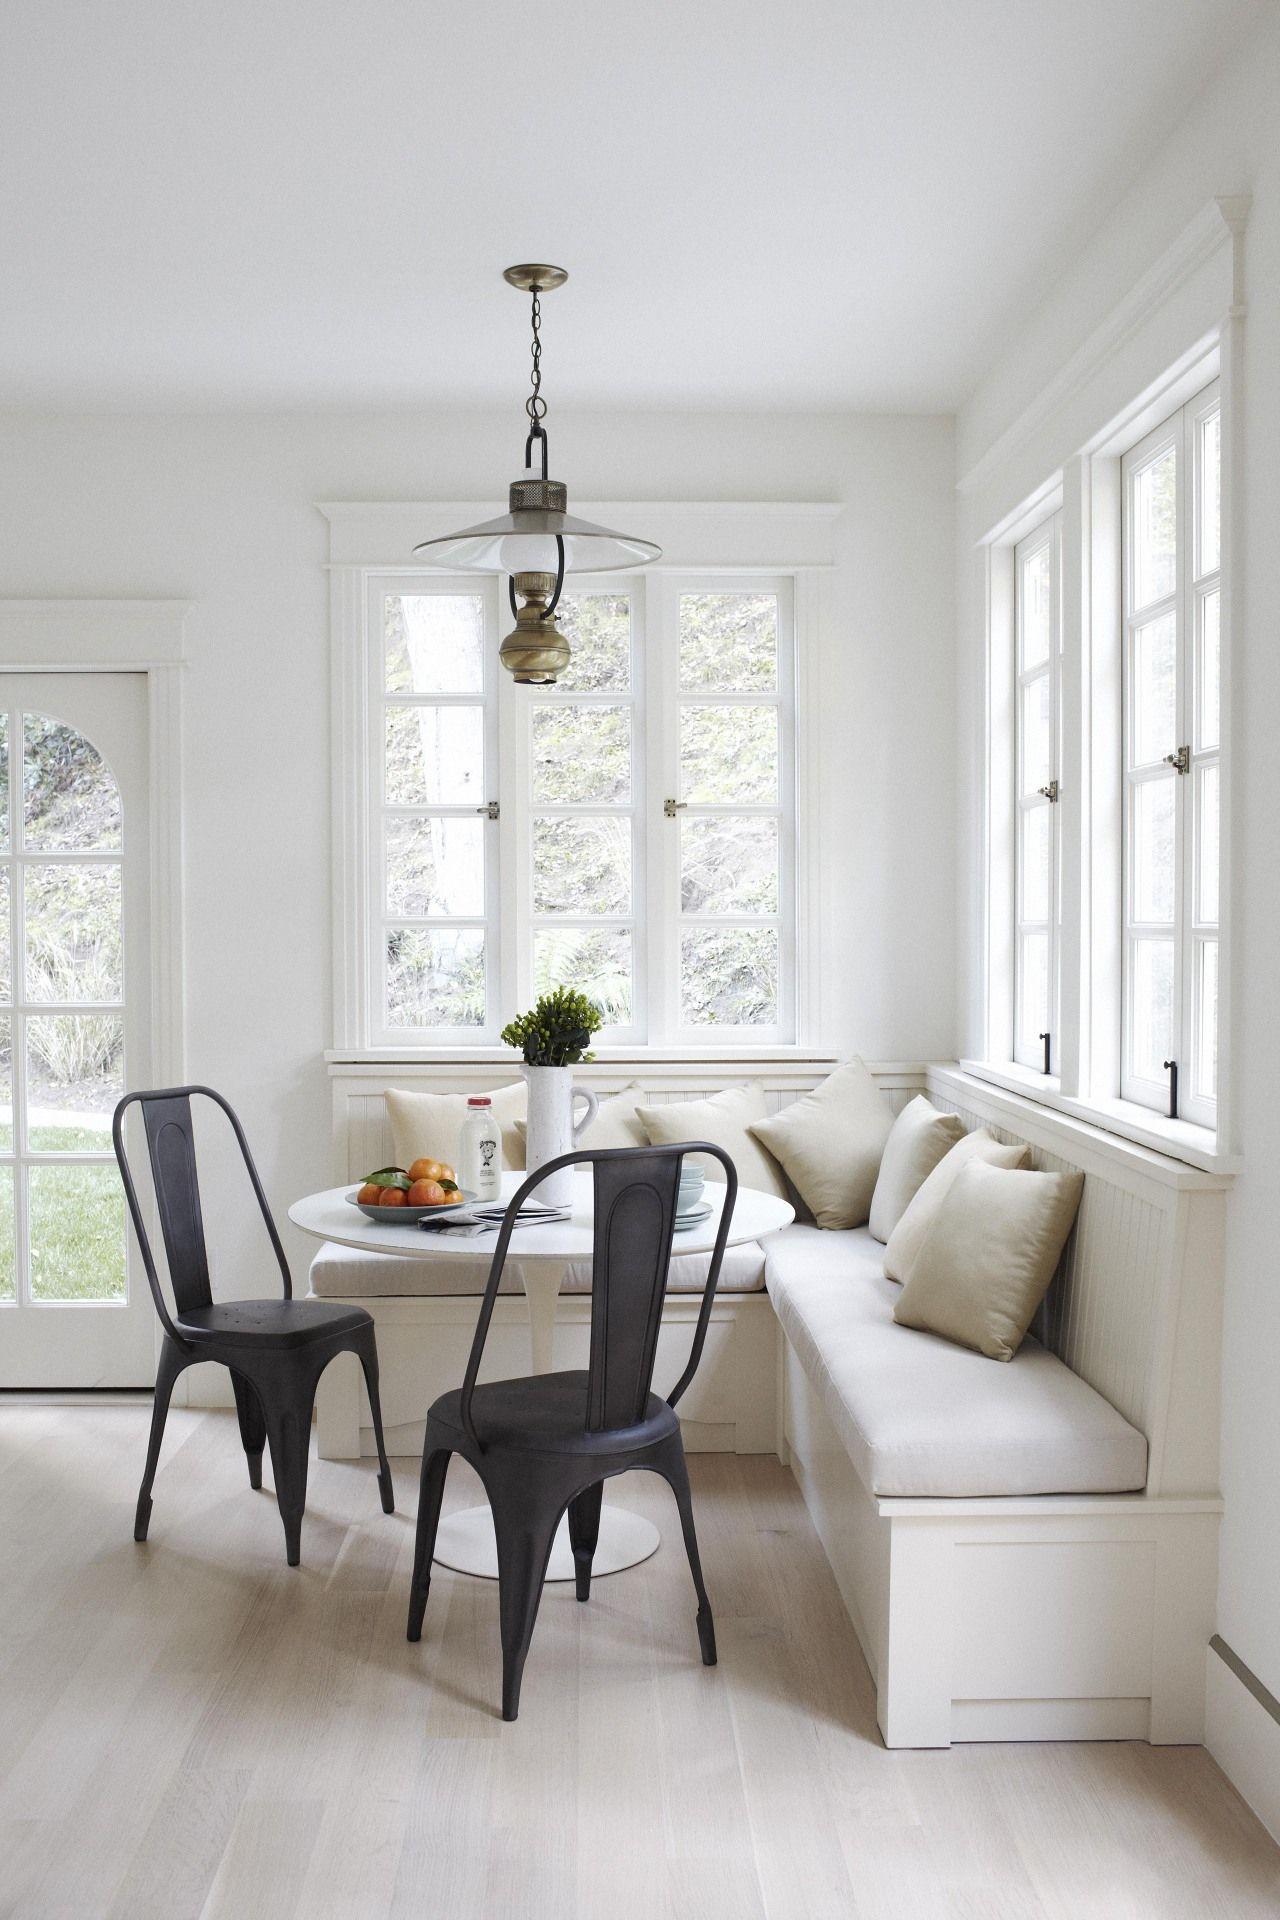 Breakfast nook | Interior Design | Pinterest | Comedores, Cocinas y ...